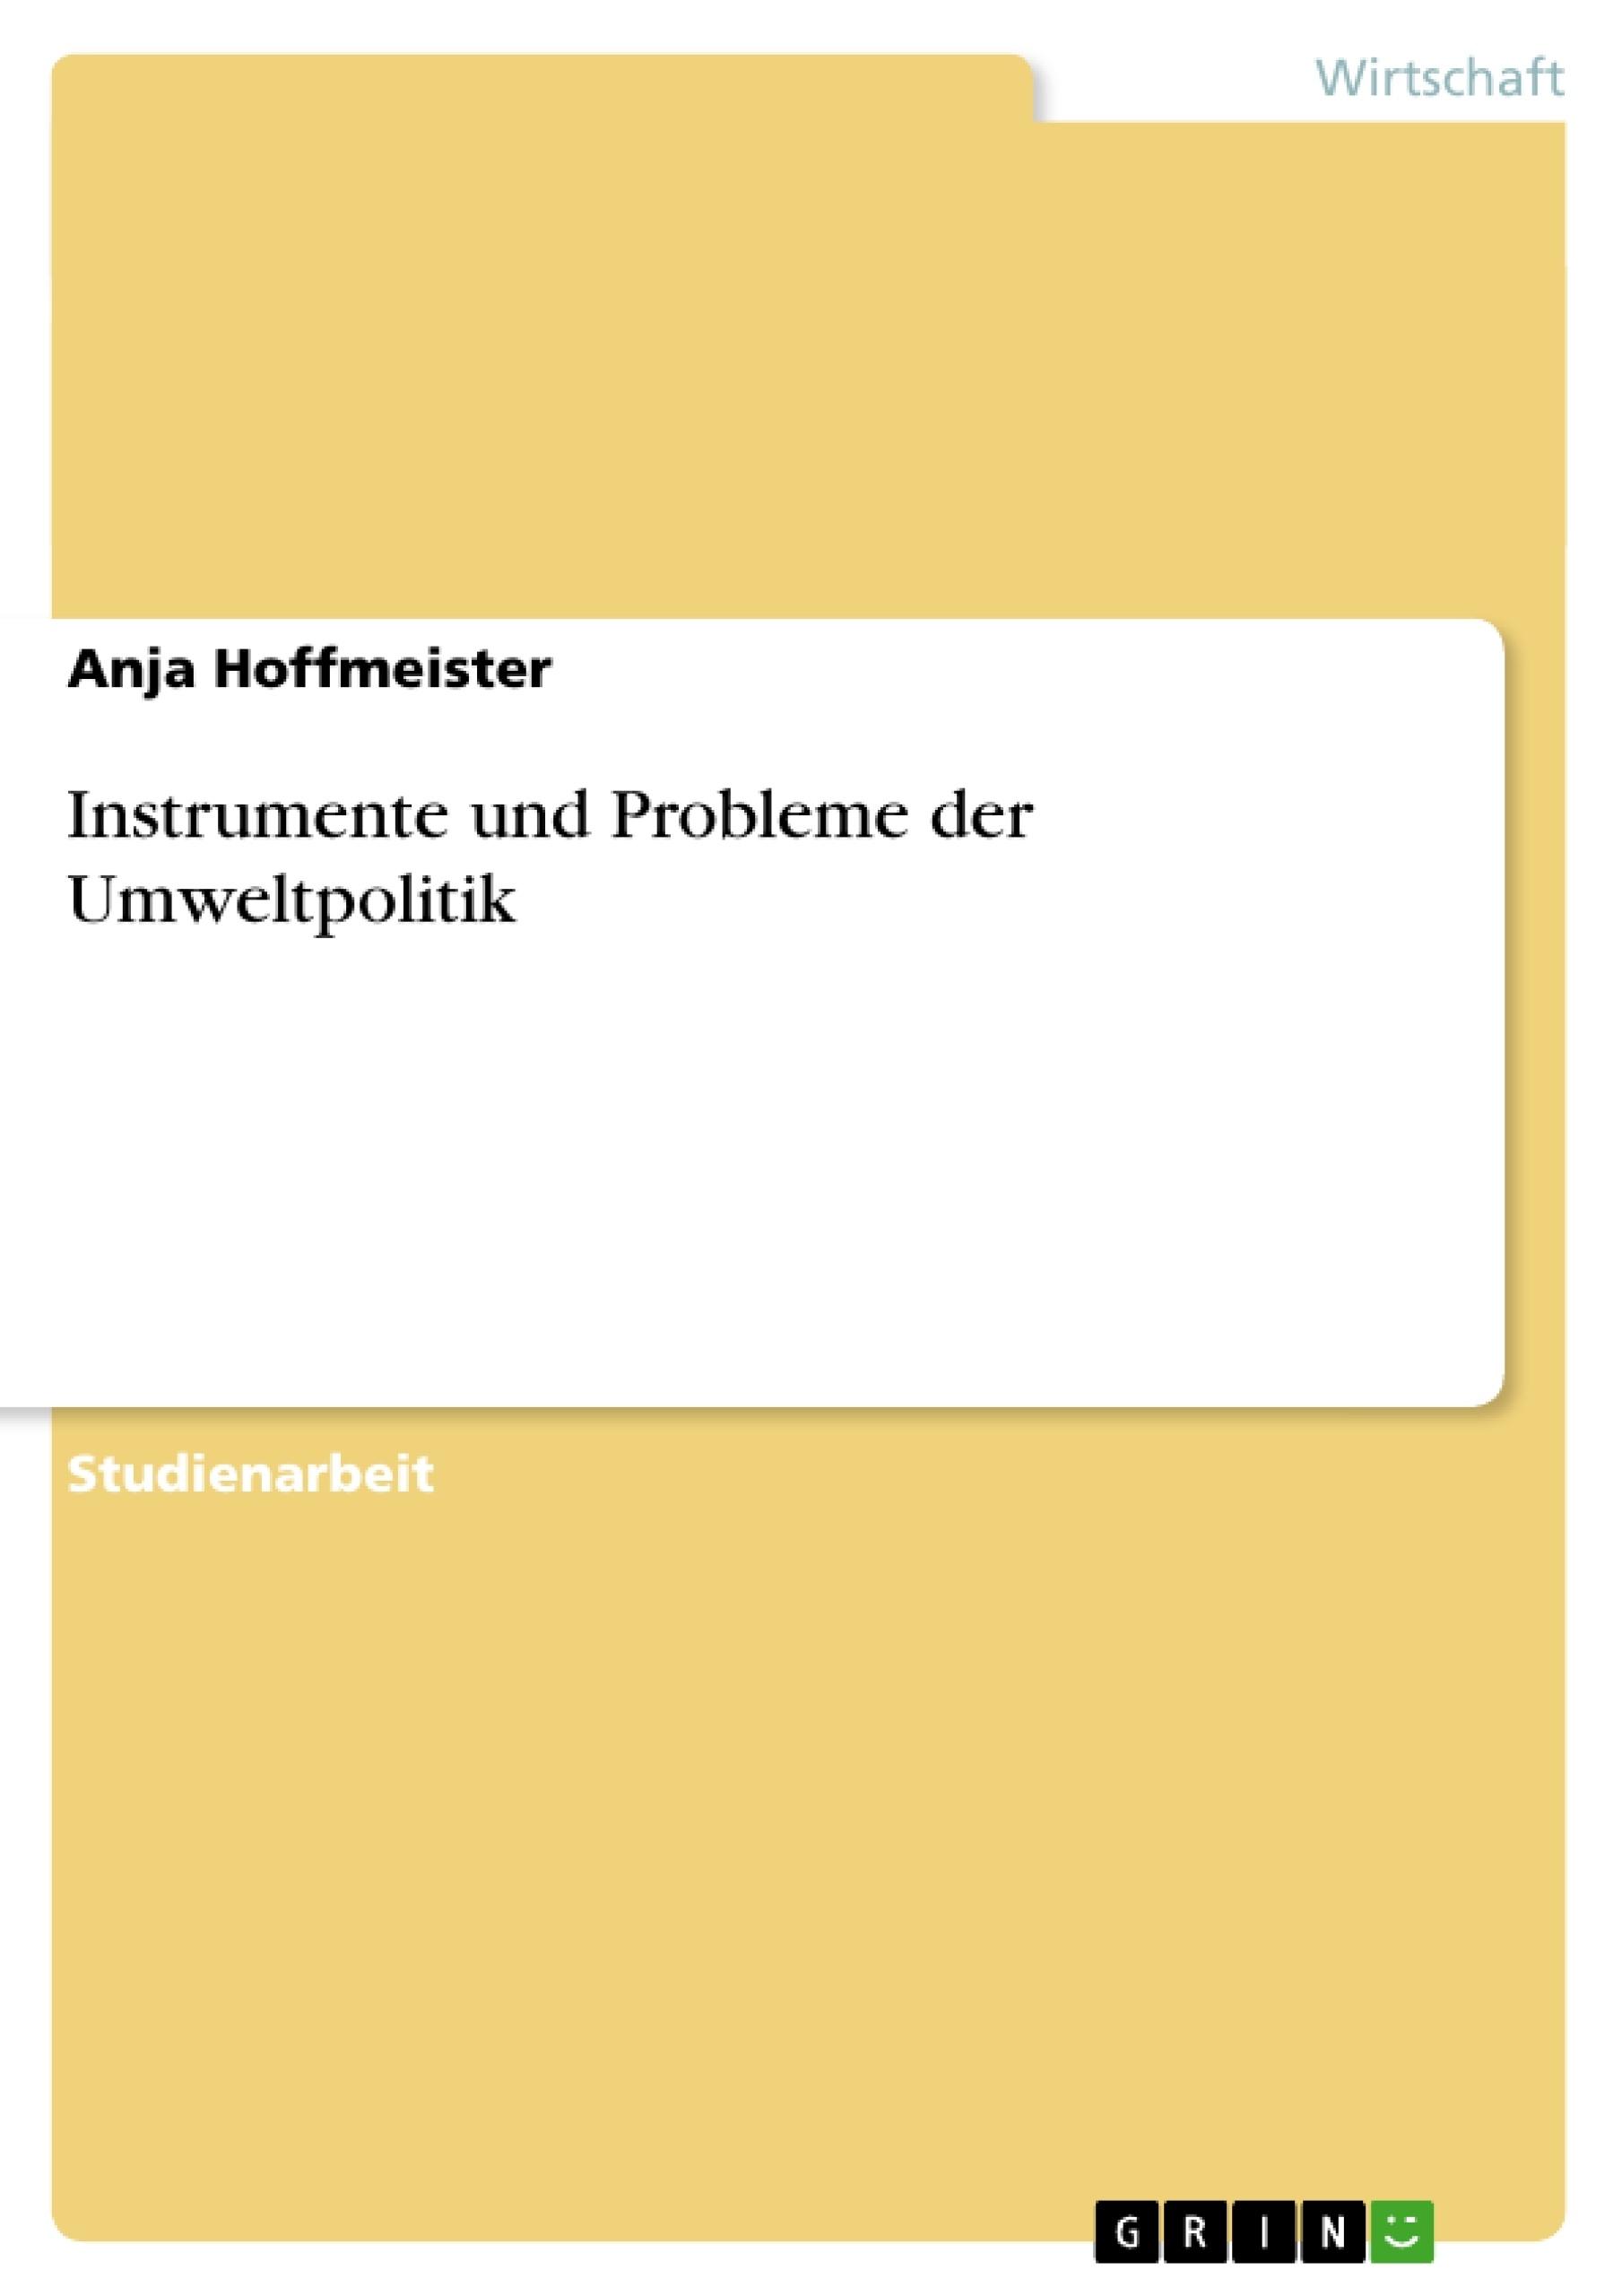 Titel: Instrumente und Probleme der Umweltpolitik